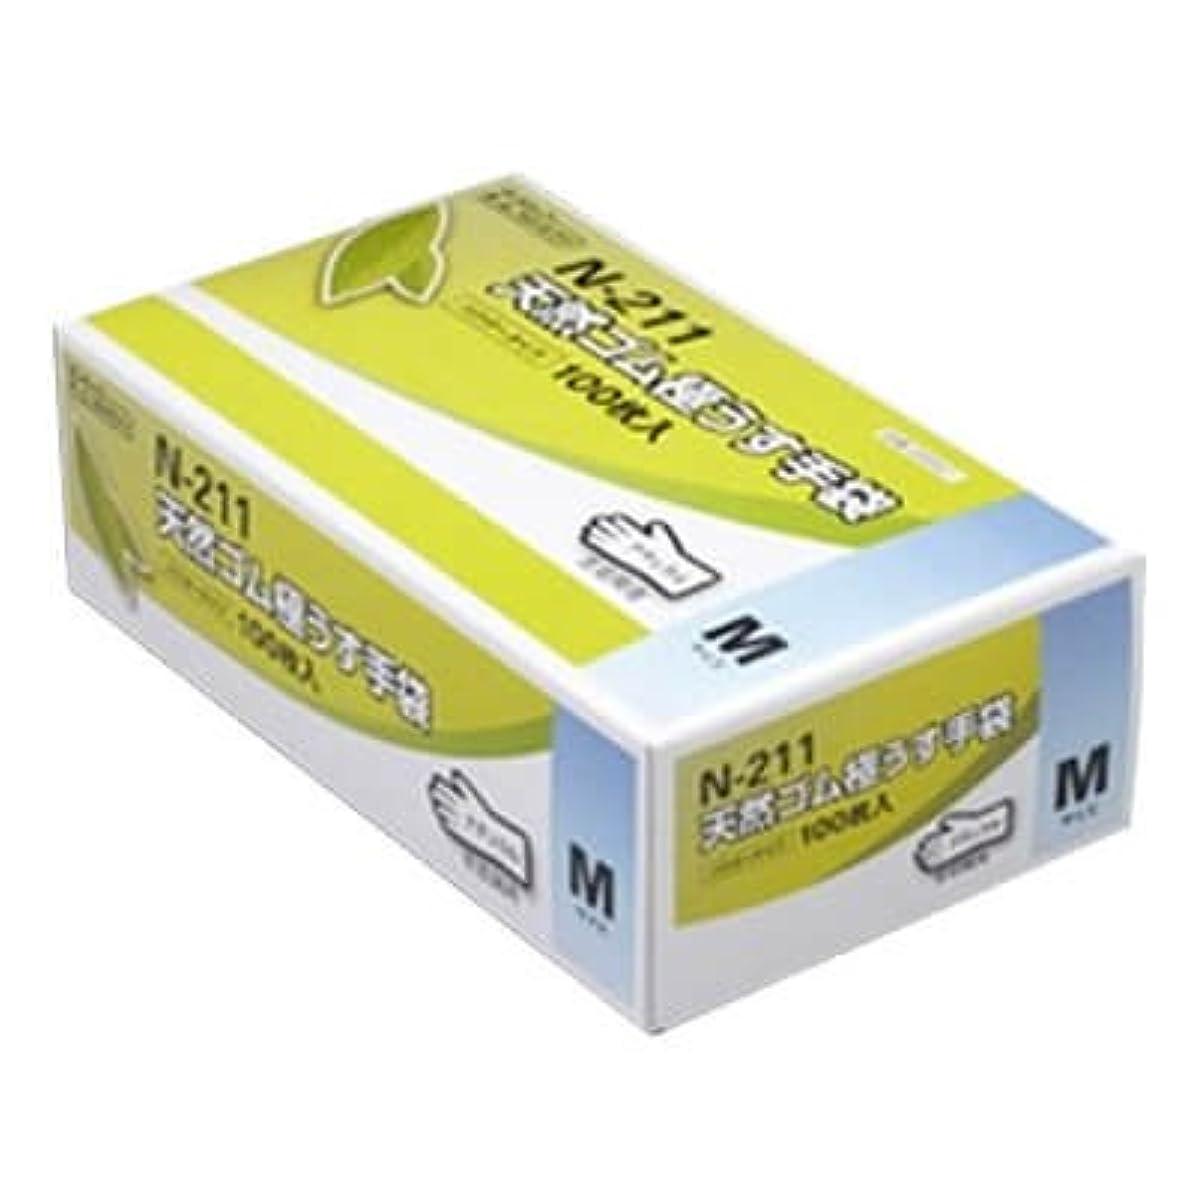 ぜいたく他にくちばし【ケース販売】 ダンロップ 天然ゴム極うす手袋 N-211 M ナチュラル (100枚入×20箱)